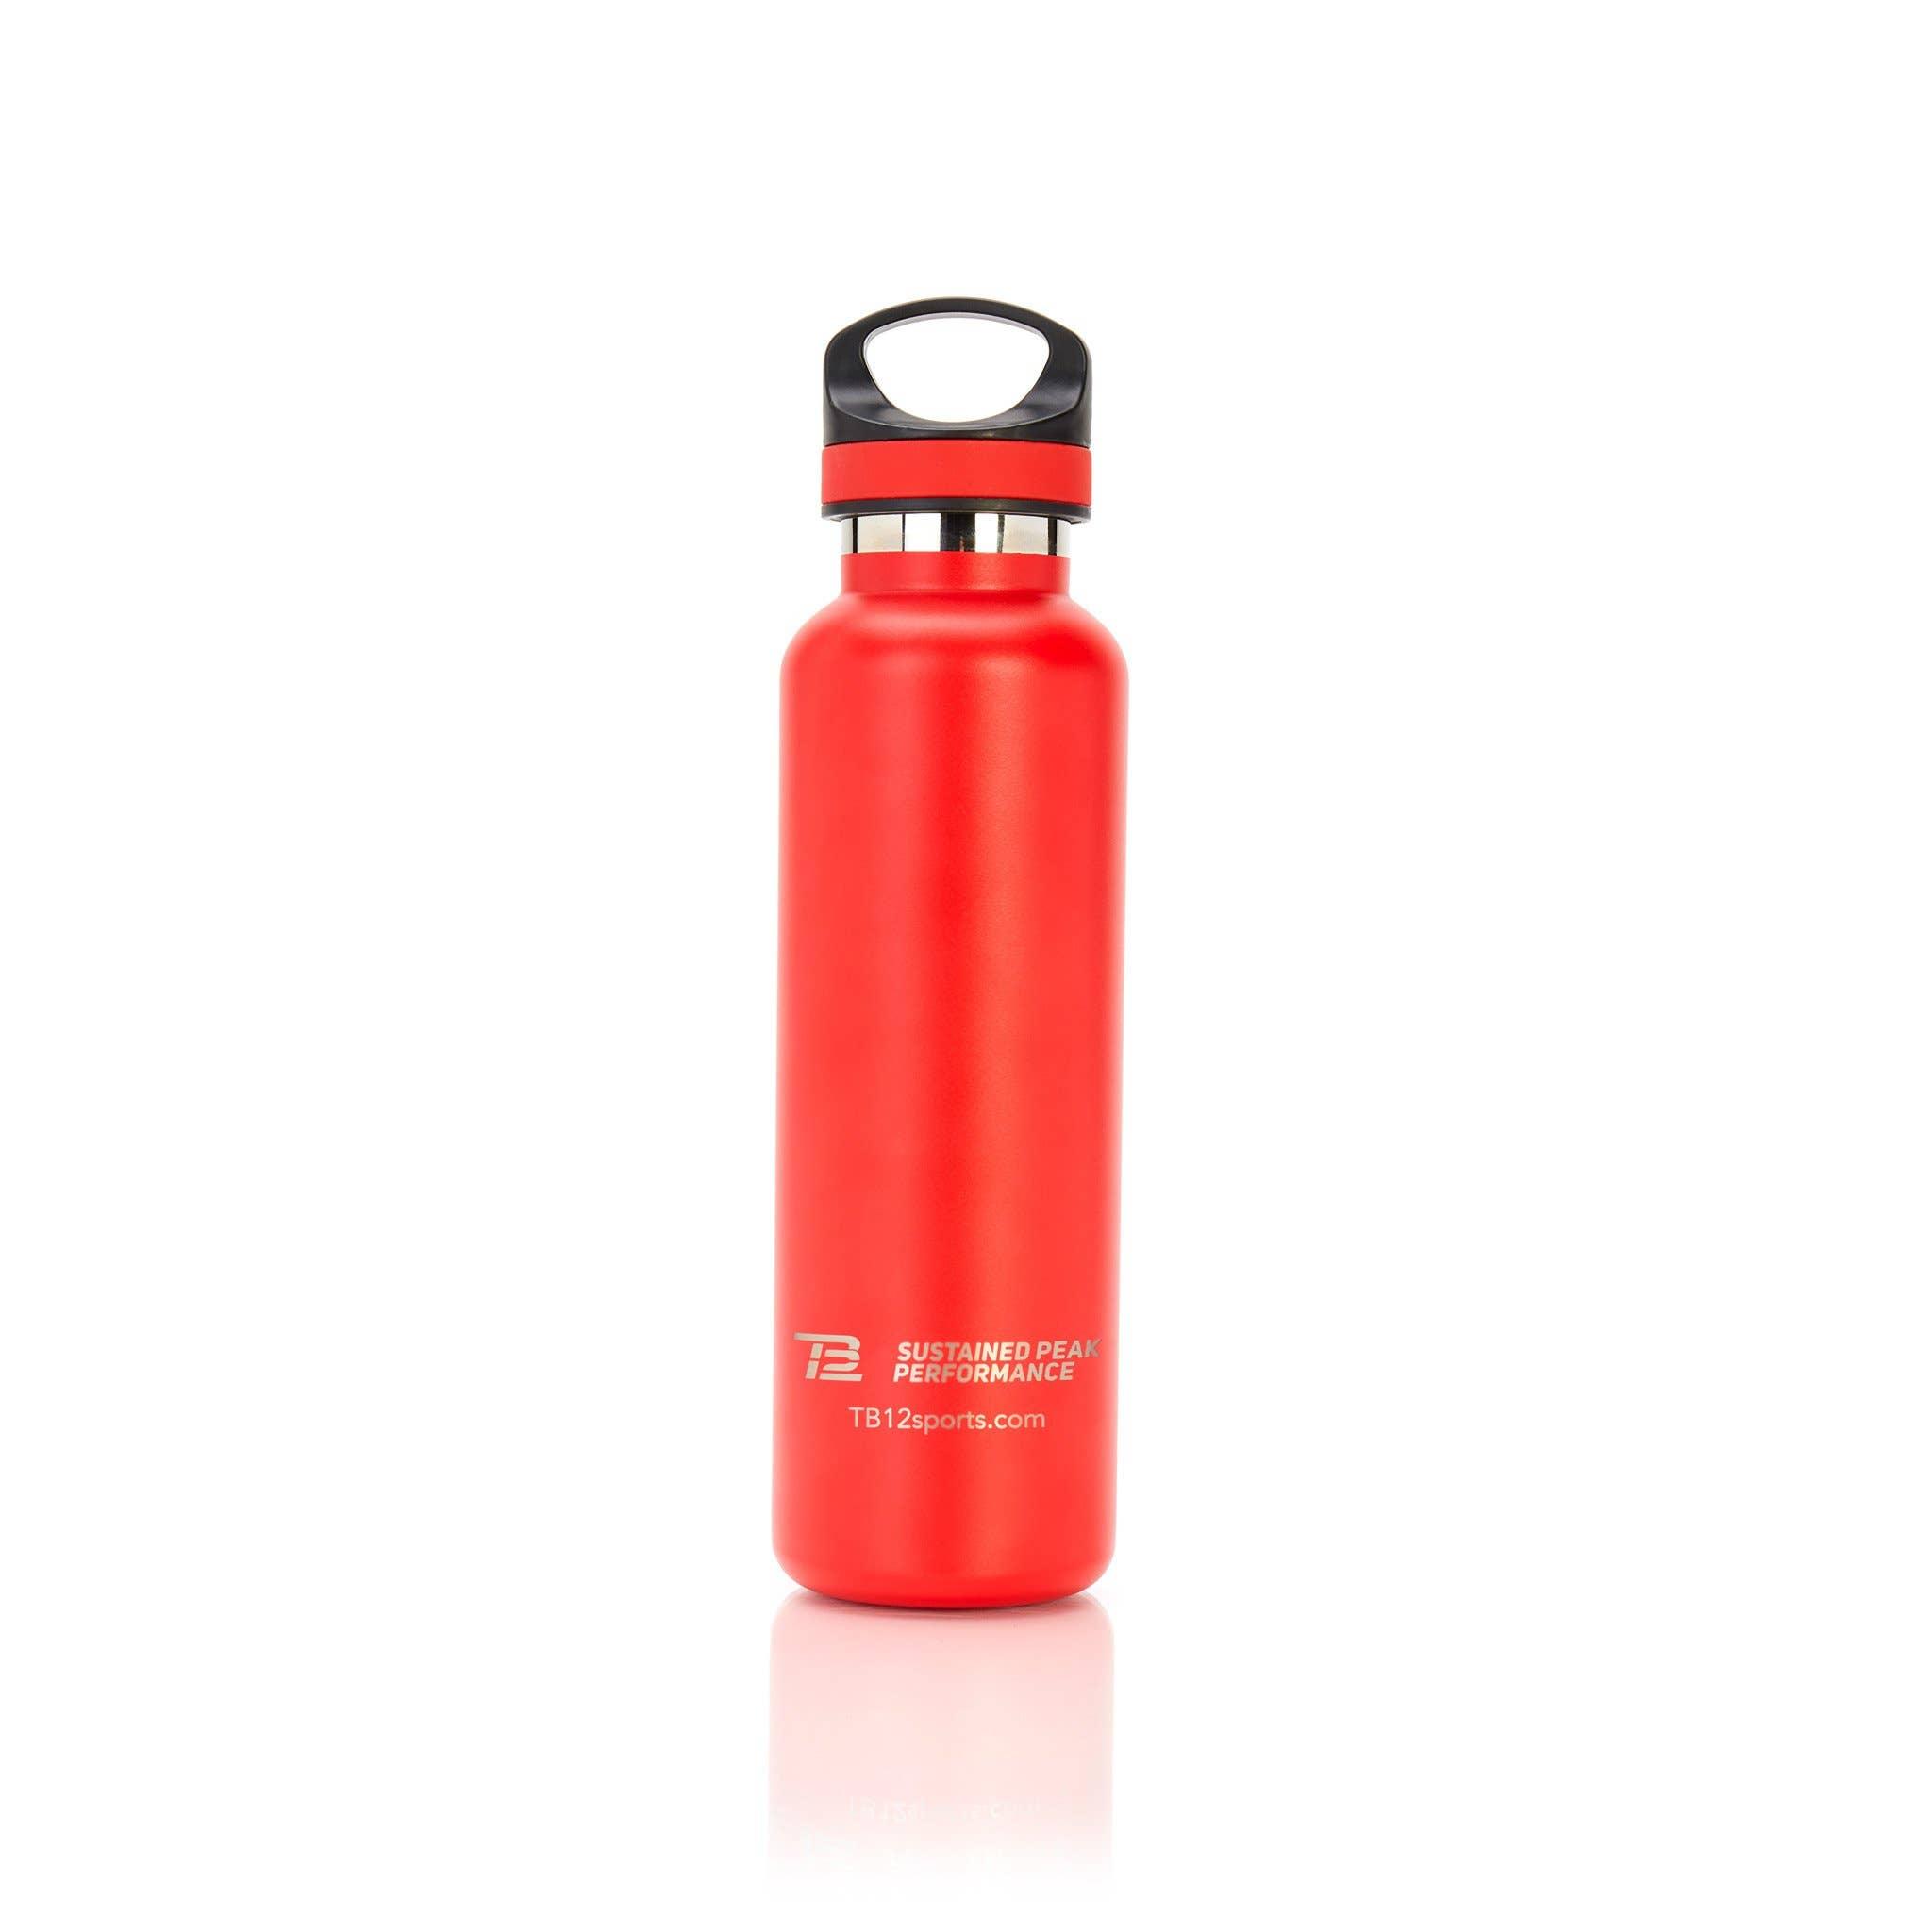 TB12™ Water Bottle back